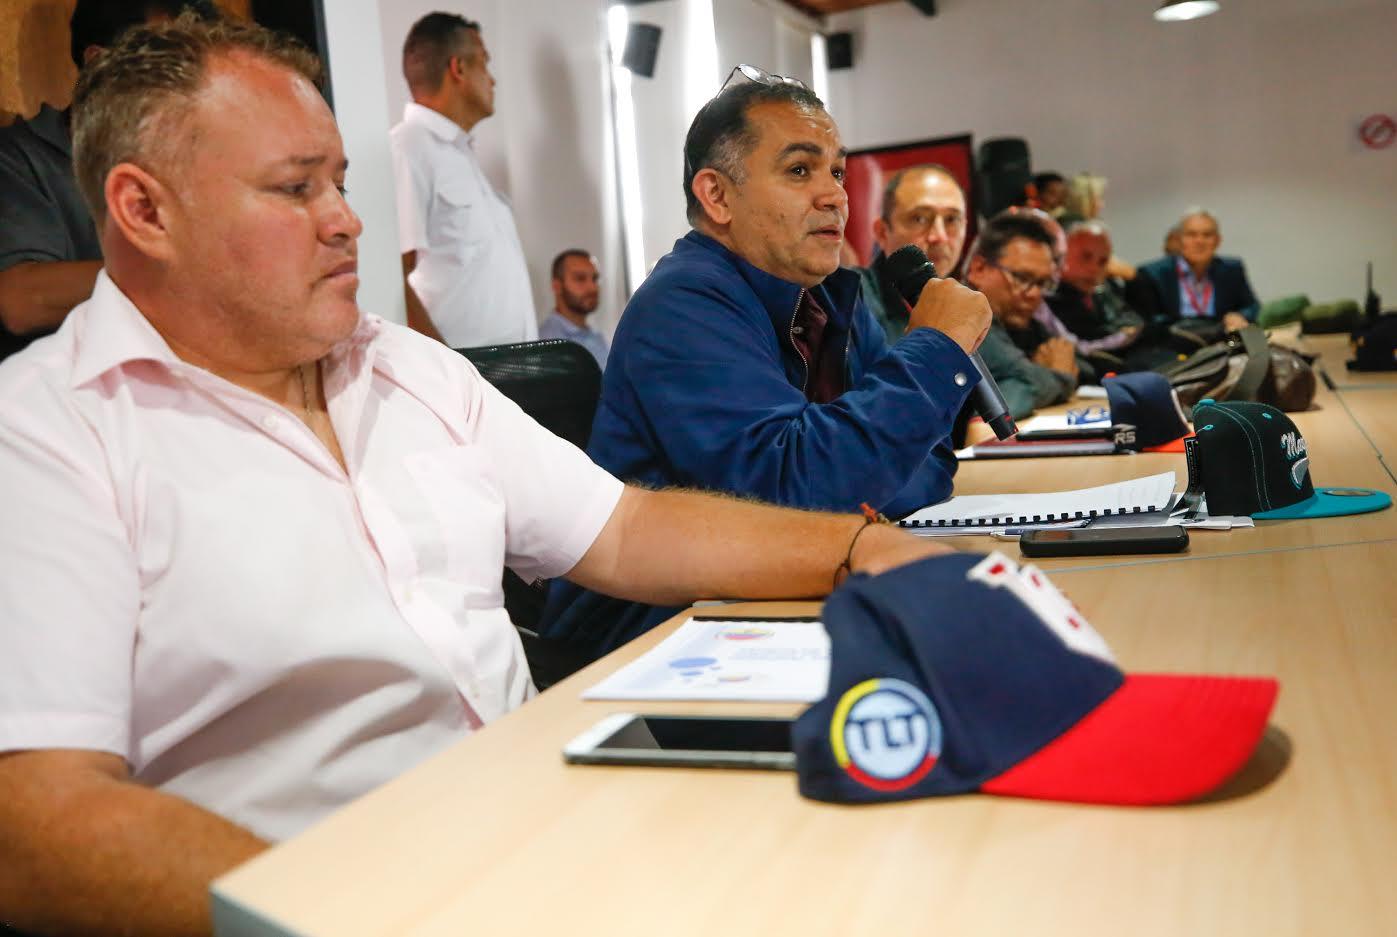 Gobierno nacional garantiza seguridad durante la temporada de béisbol venezolano 2019-2020 (1)